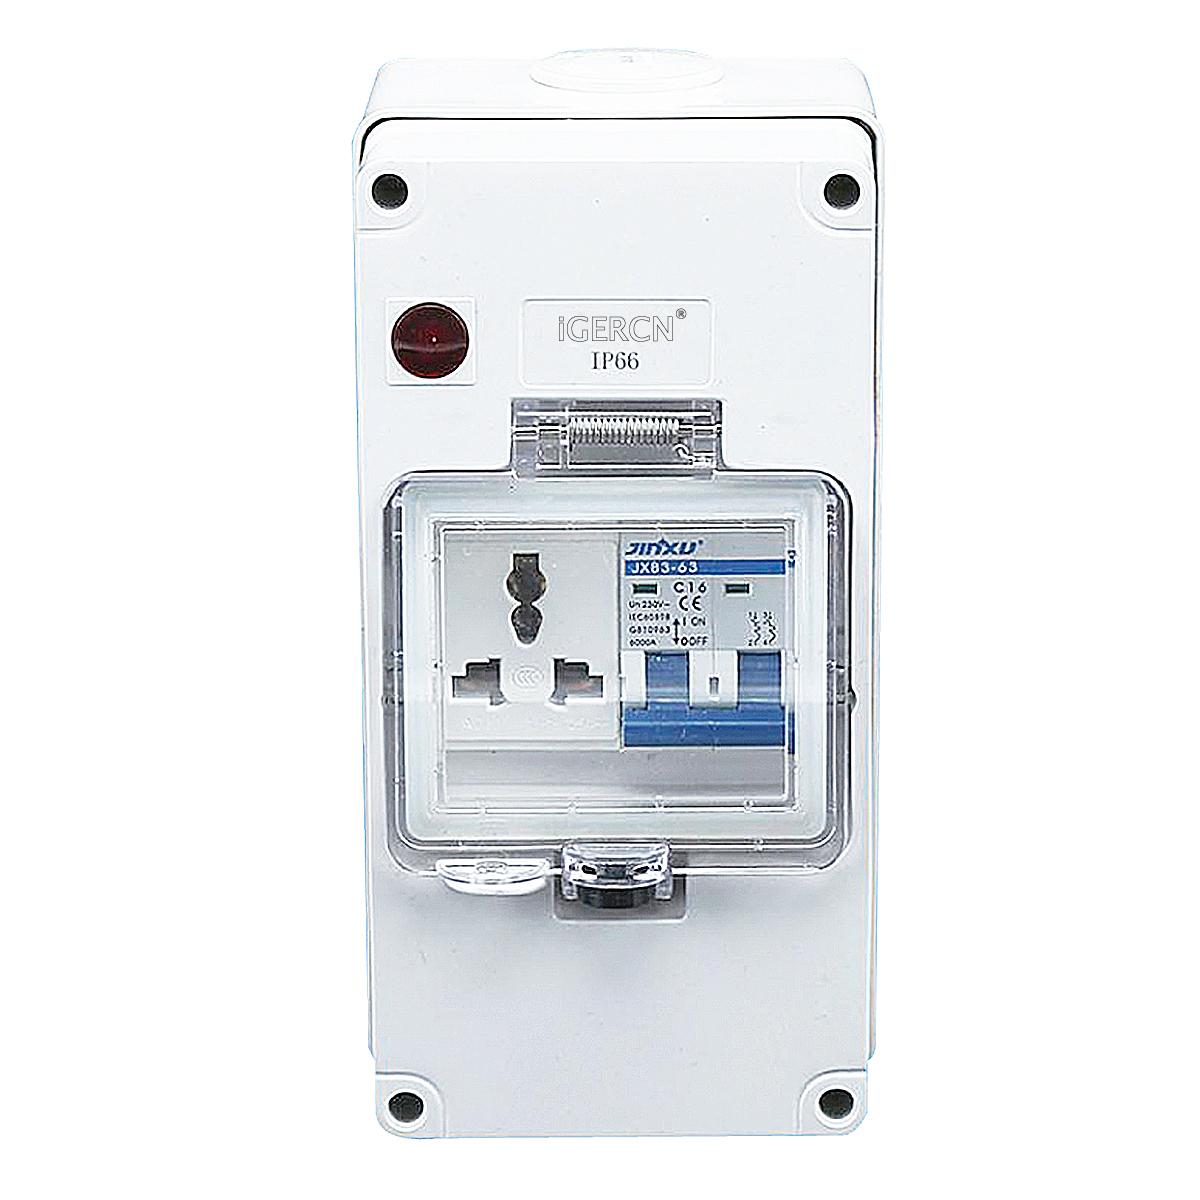 IGLB4N-1G1U(1Gang Switch Socket 13A-250V~)